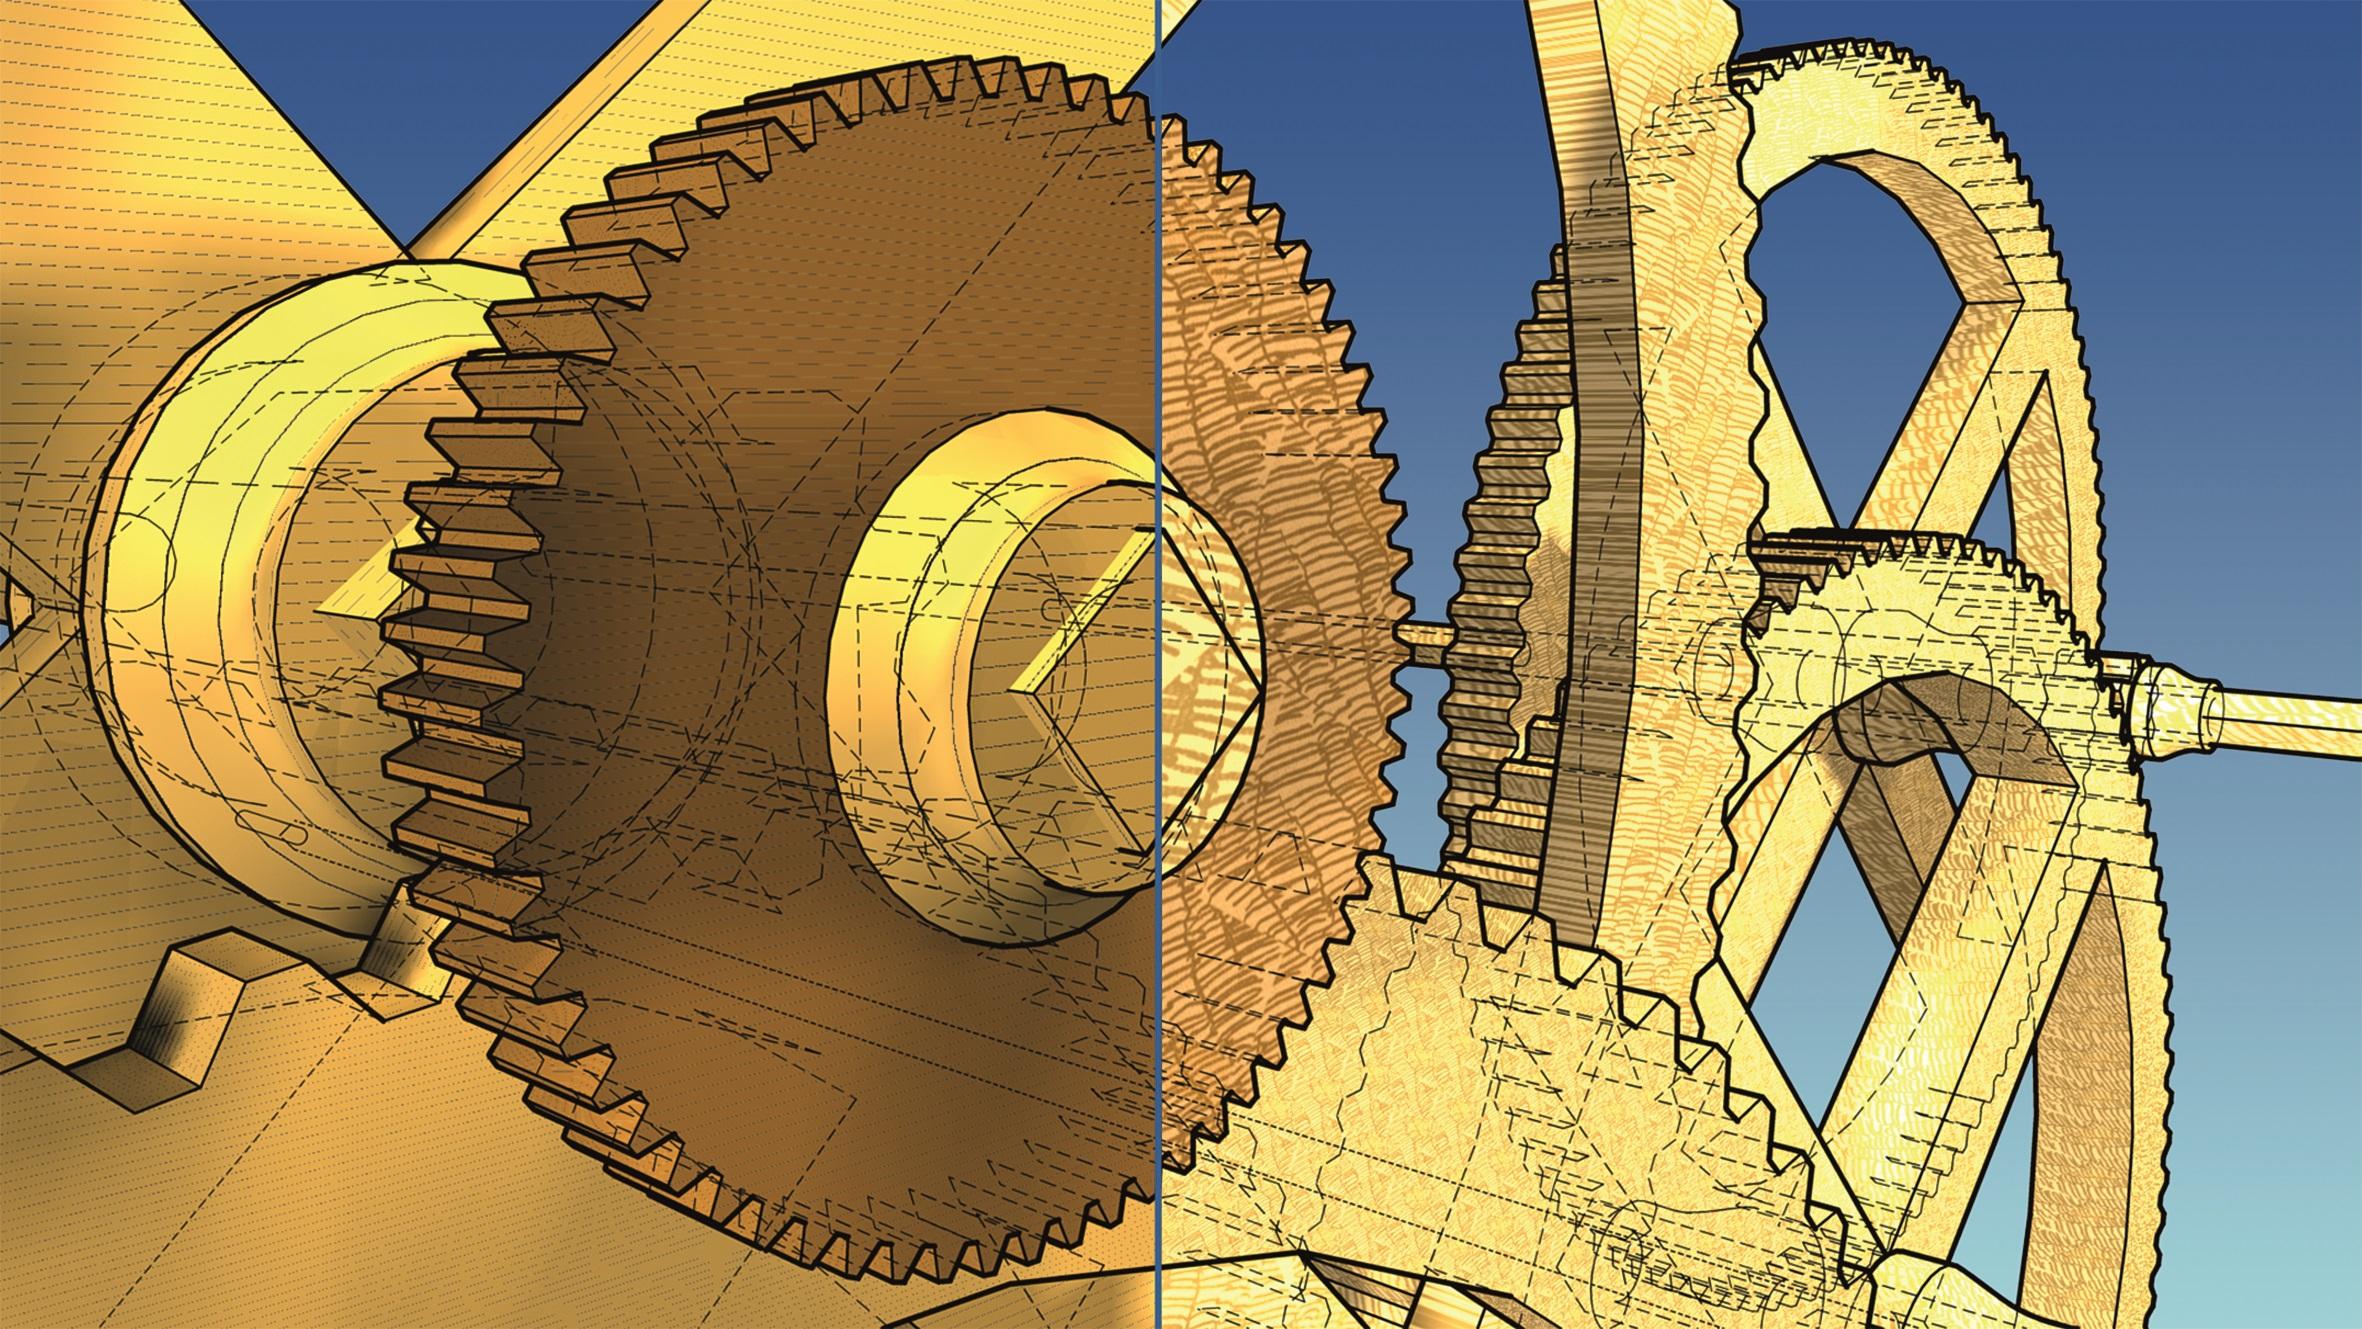 Abbildung 8: Finaltoon-Materialien mit unterschiedlichen zugewiesenen Schraffuren